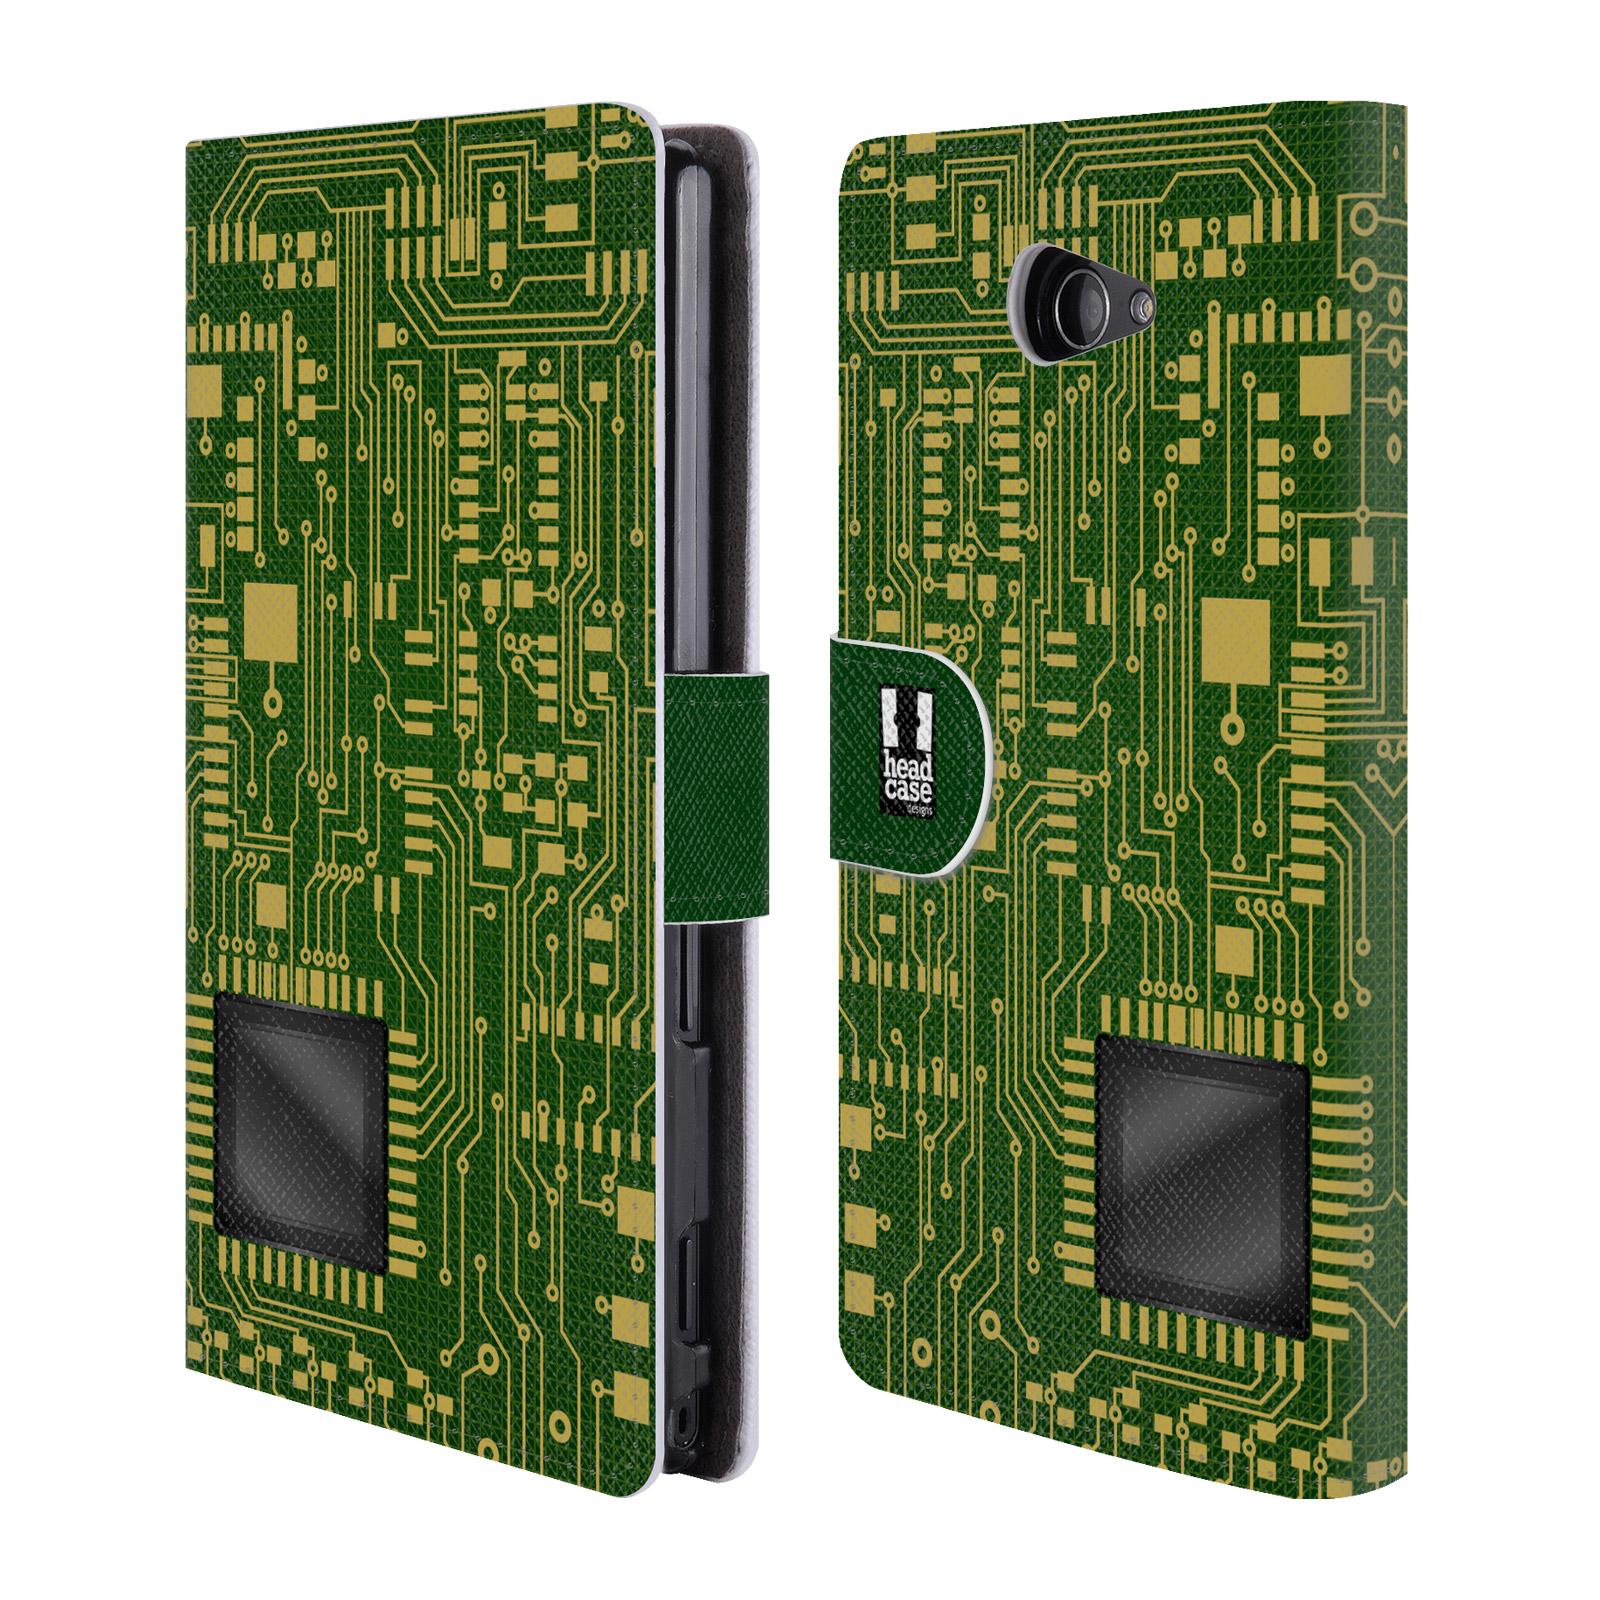 HEAD CASE Flipové pouzdro pro mobil SONY XPERIA M2 počítač základní deska zelená barva velký čip